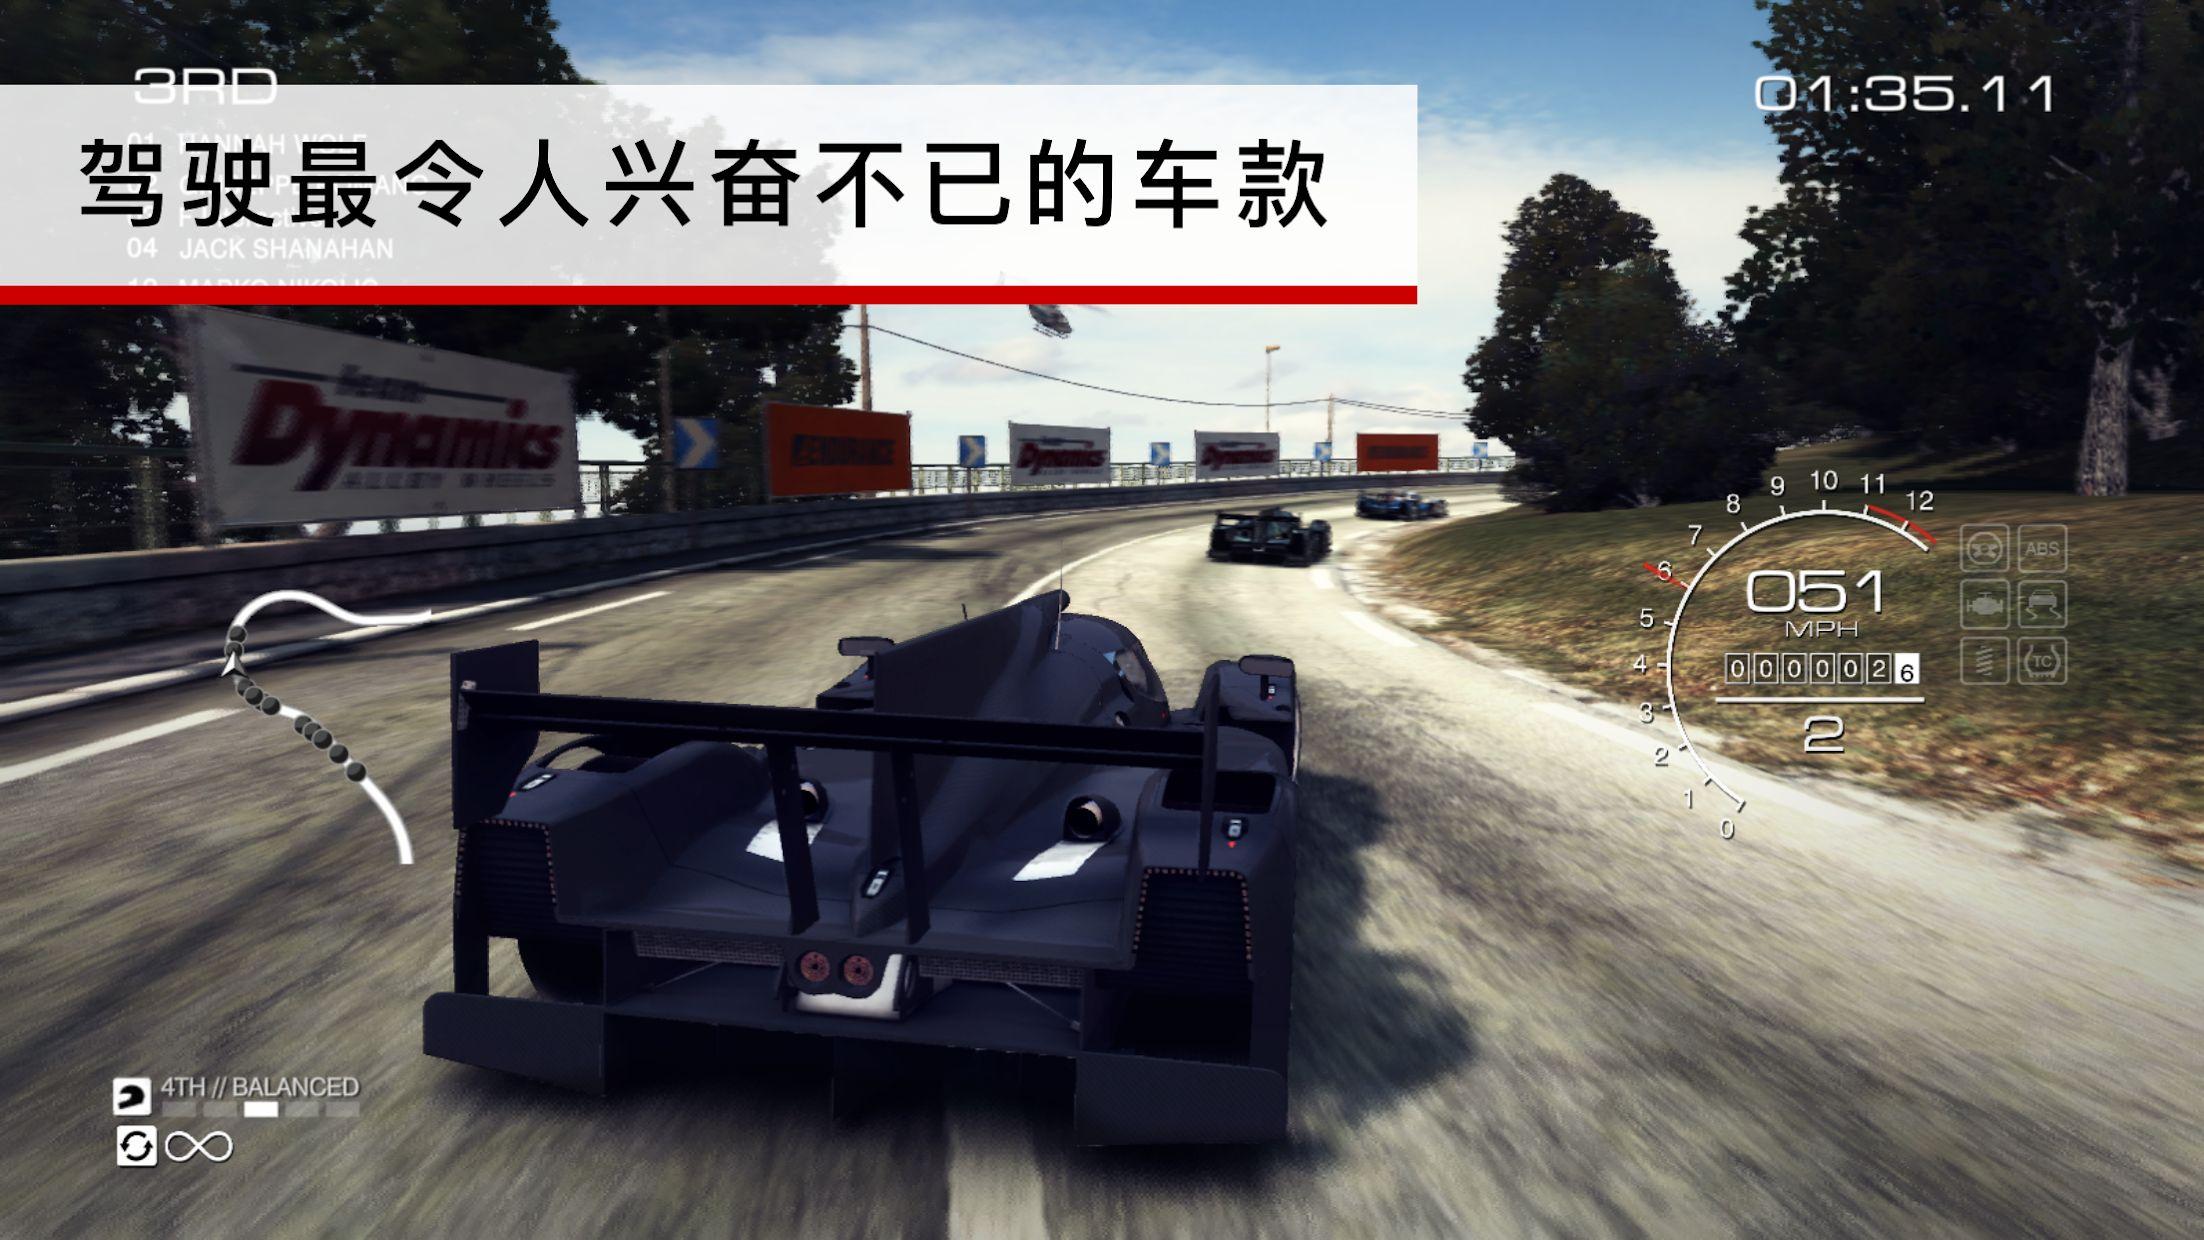 超级房车赛:汽车运动(GRID) 游戏截图2